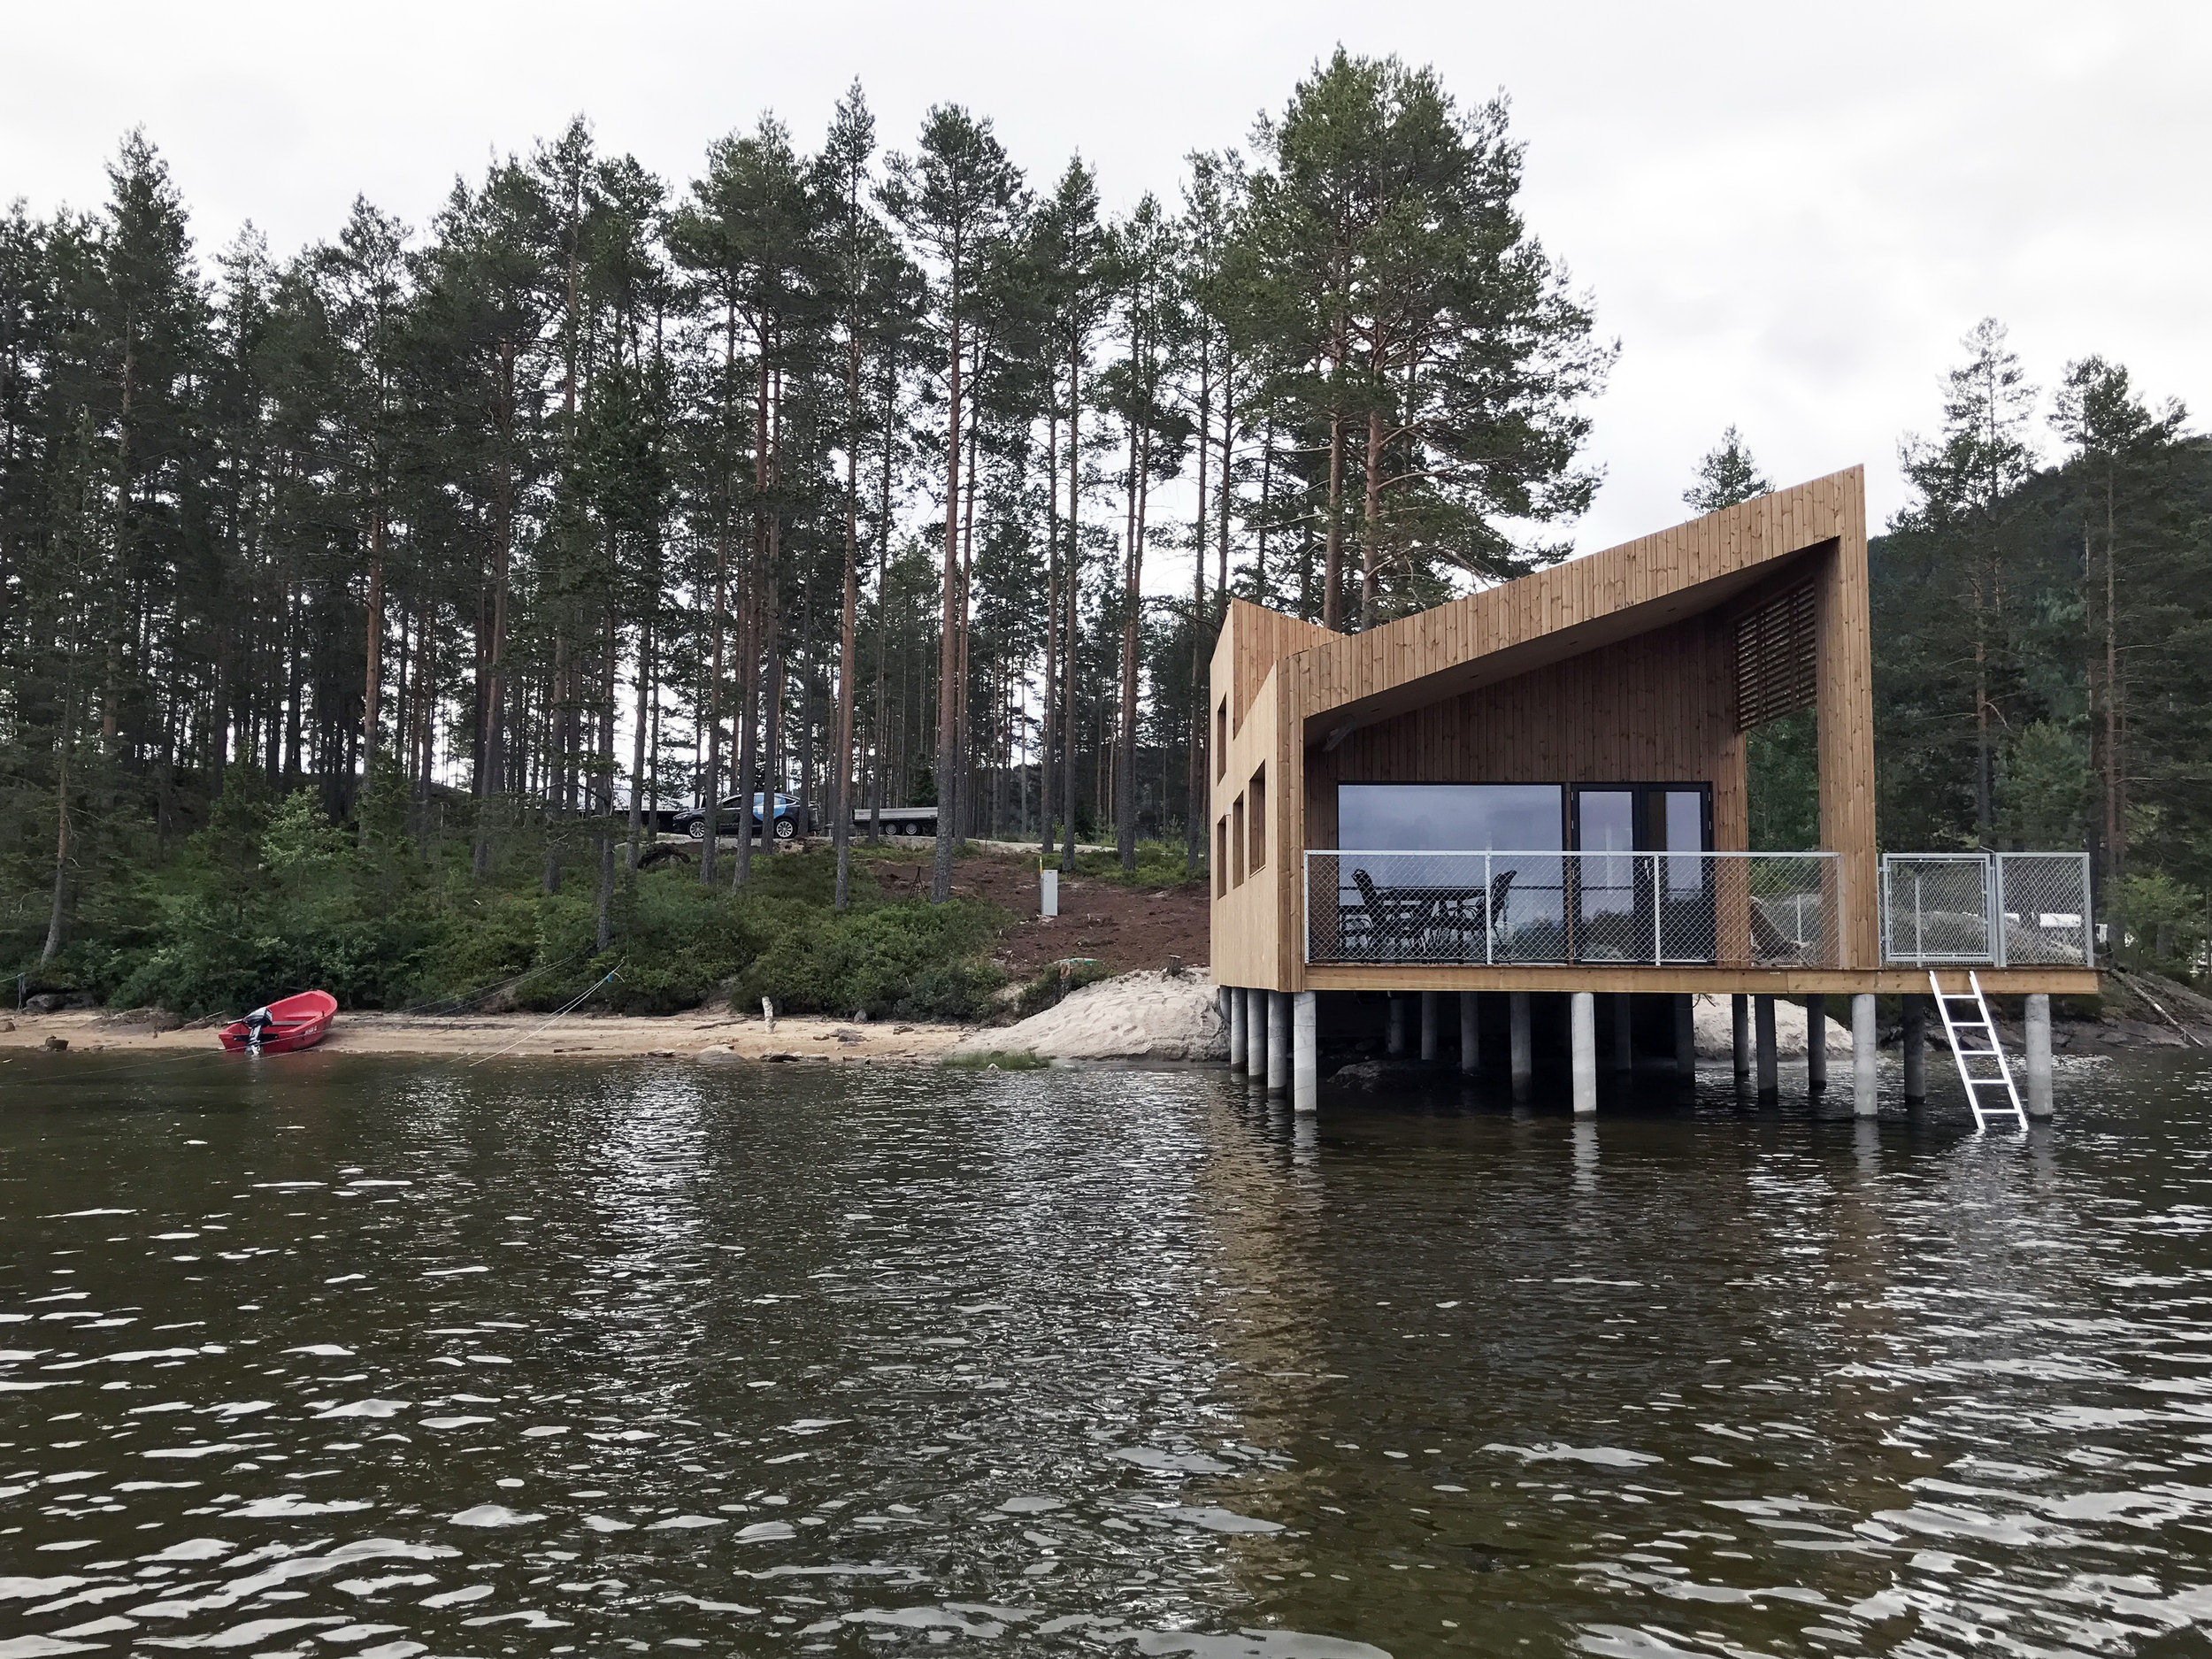 Nisser Micro Cabin by Feste Landscape / Architecture